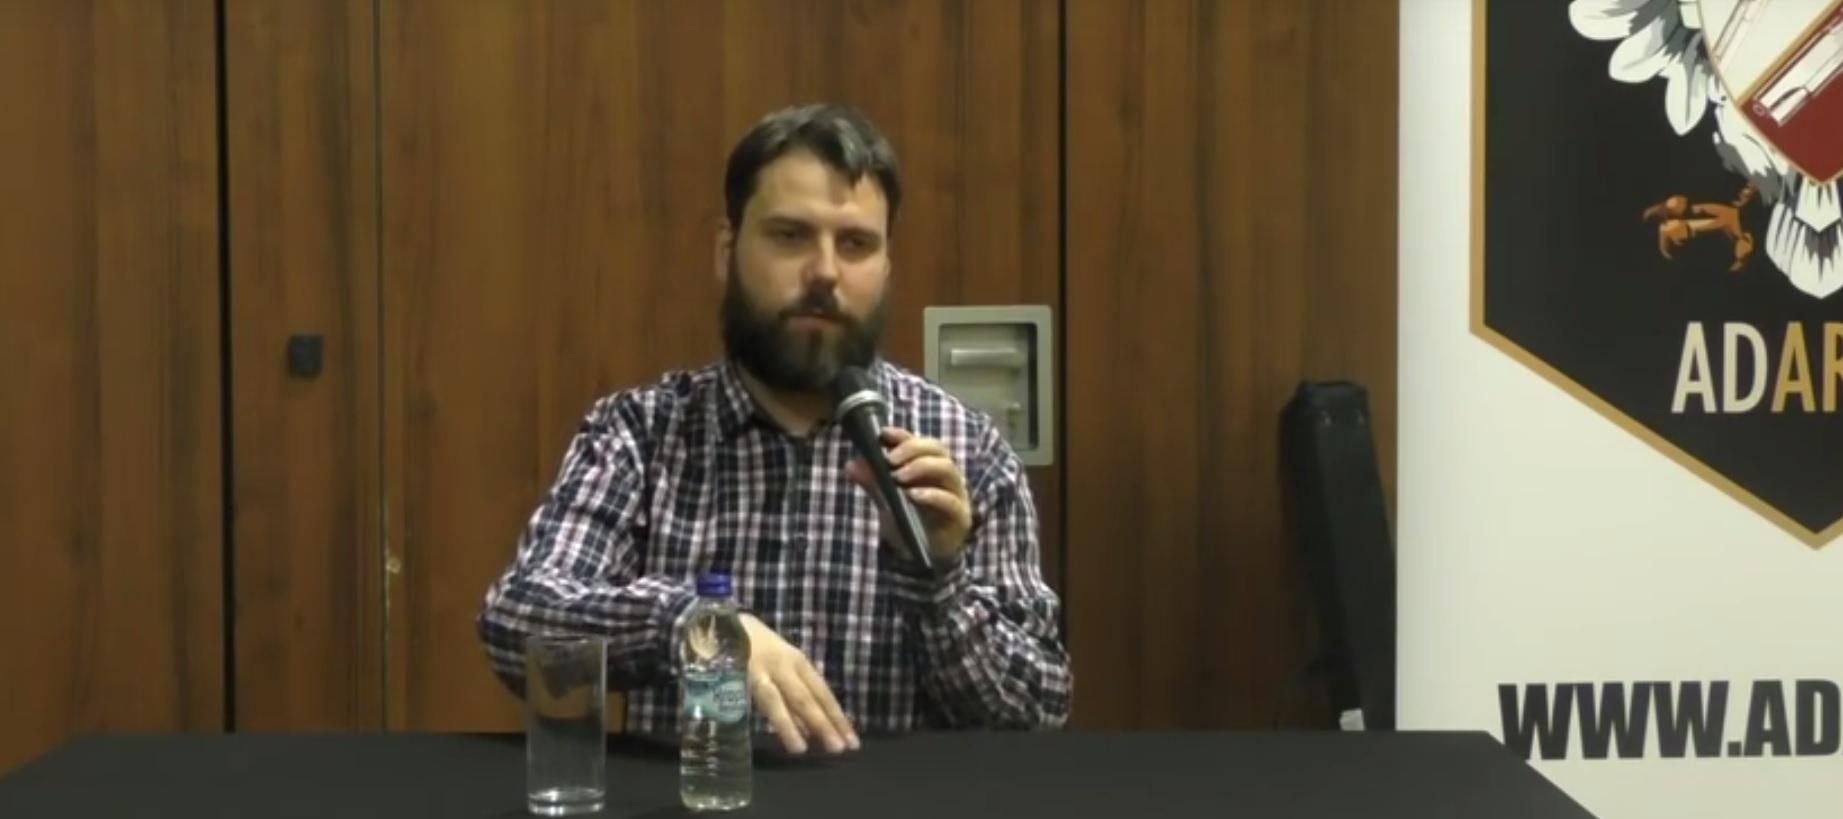 POLAKU CHWYĆ ZA BROŃ! Spotkanie z Jackiem Hogą w Kielcach